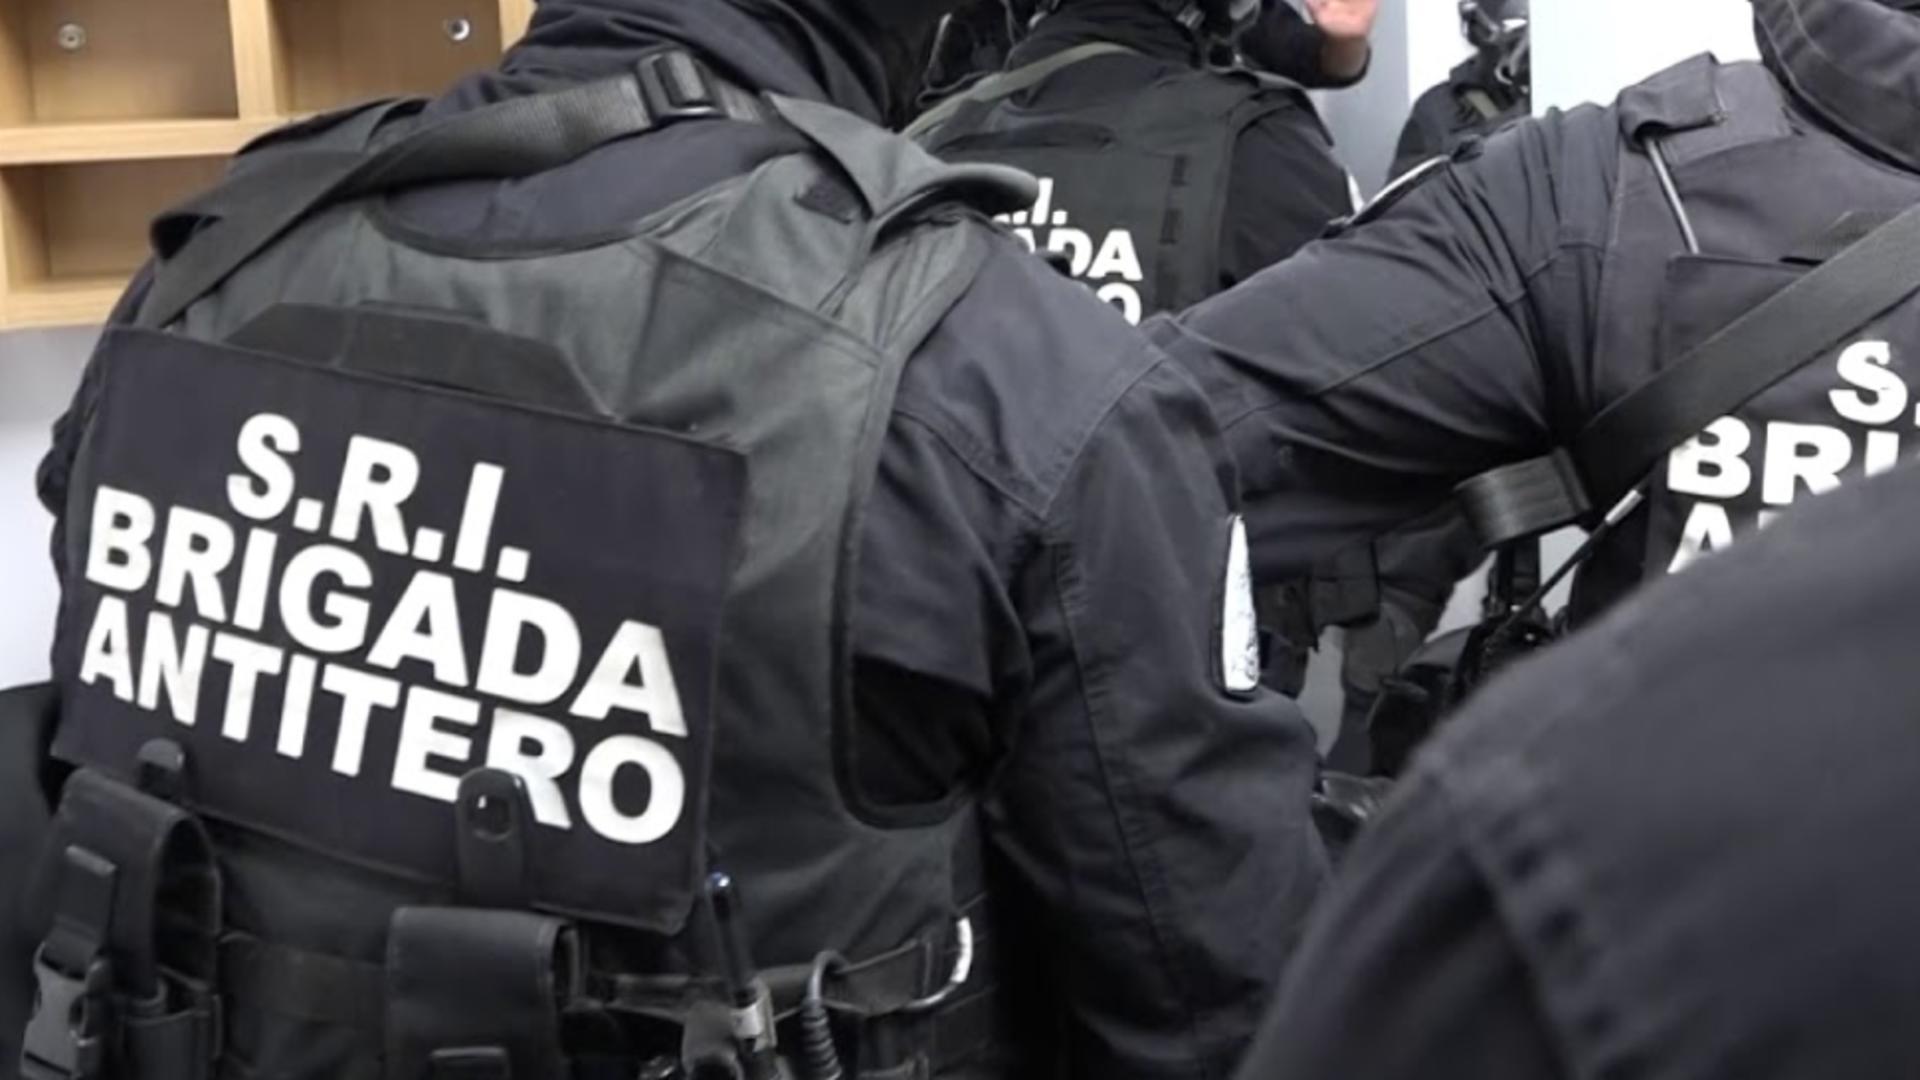 Intervenție antitero la Ambasada Suediei după descoperirea unui colet suspect